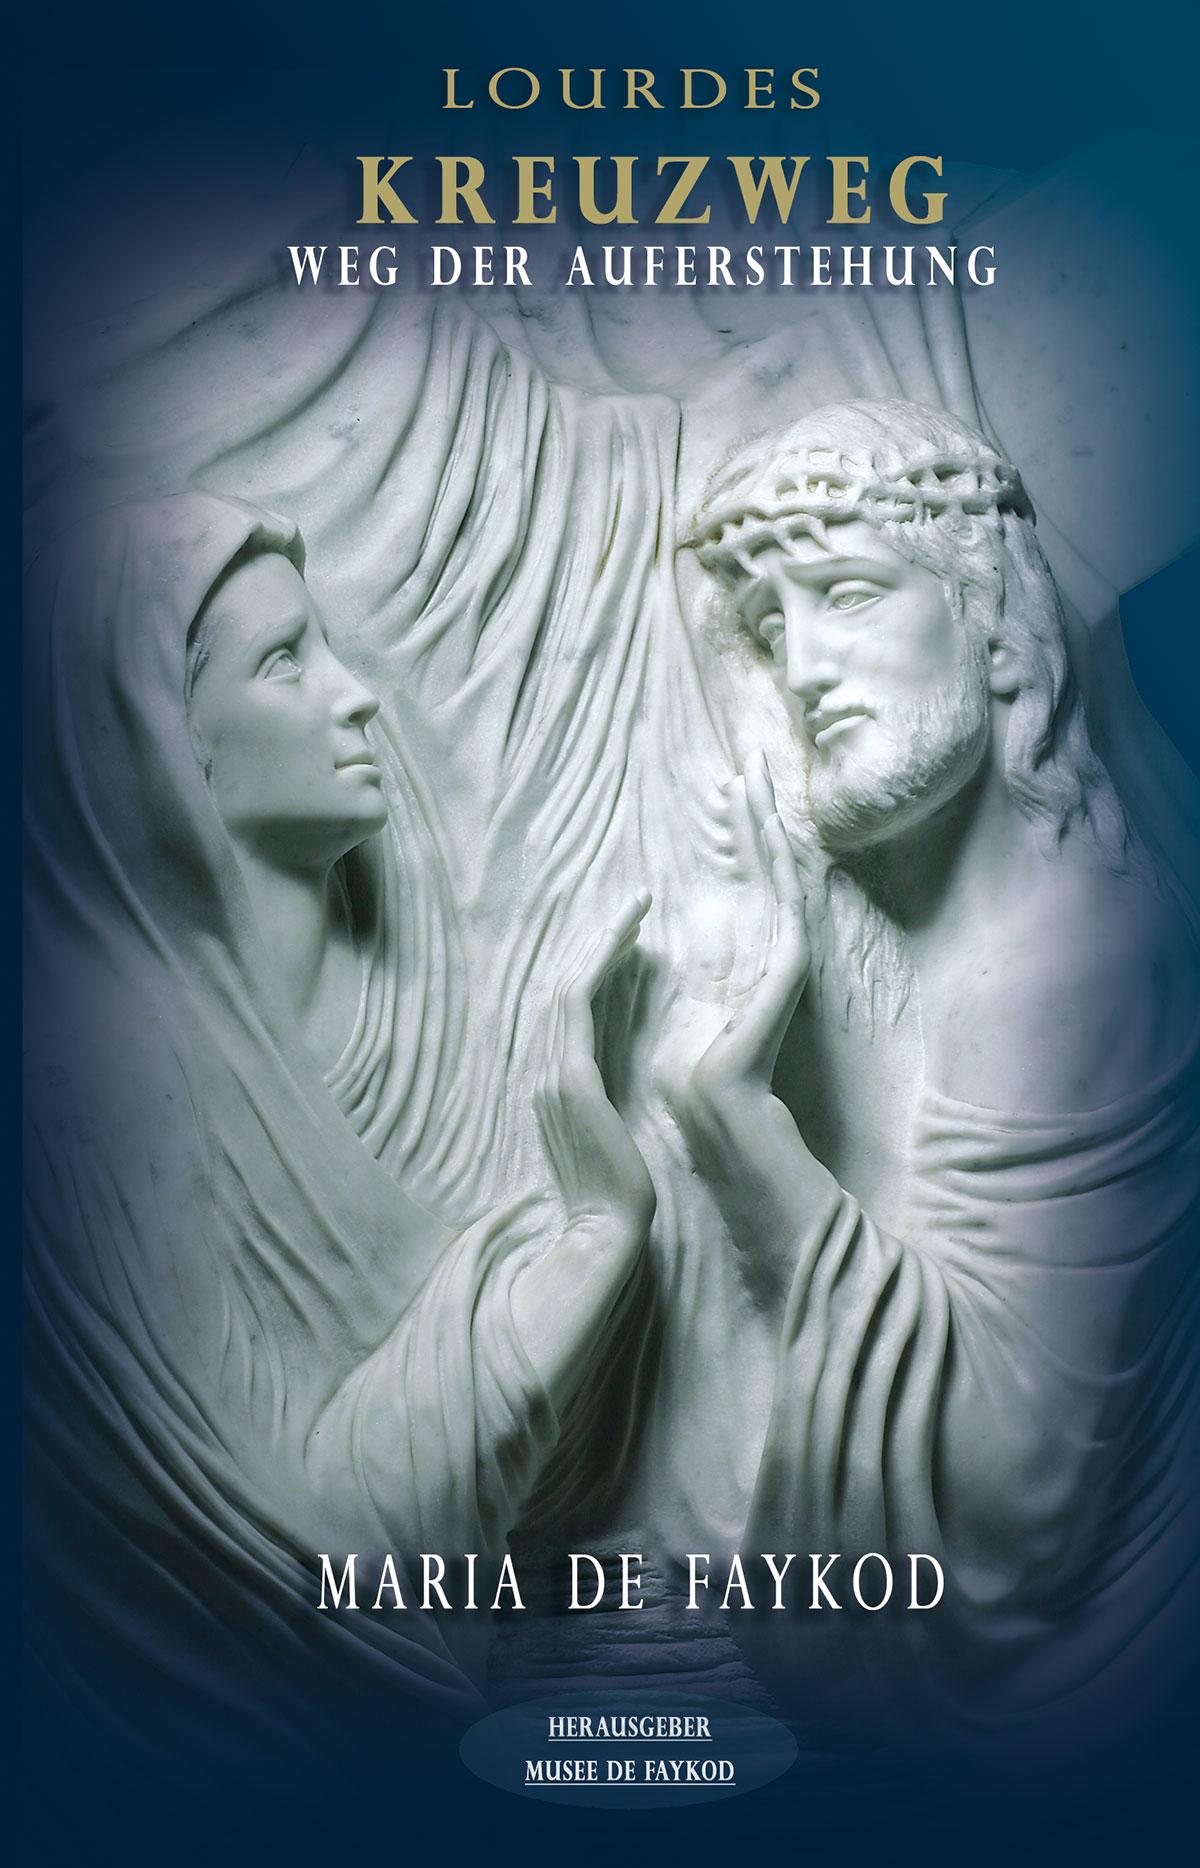 Livret - Lourdes - Kreuzweg, Weg der Auferstehung - Maria de Faykod - Couverture